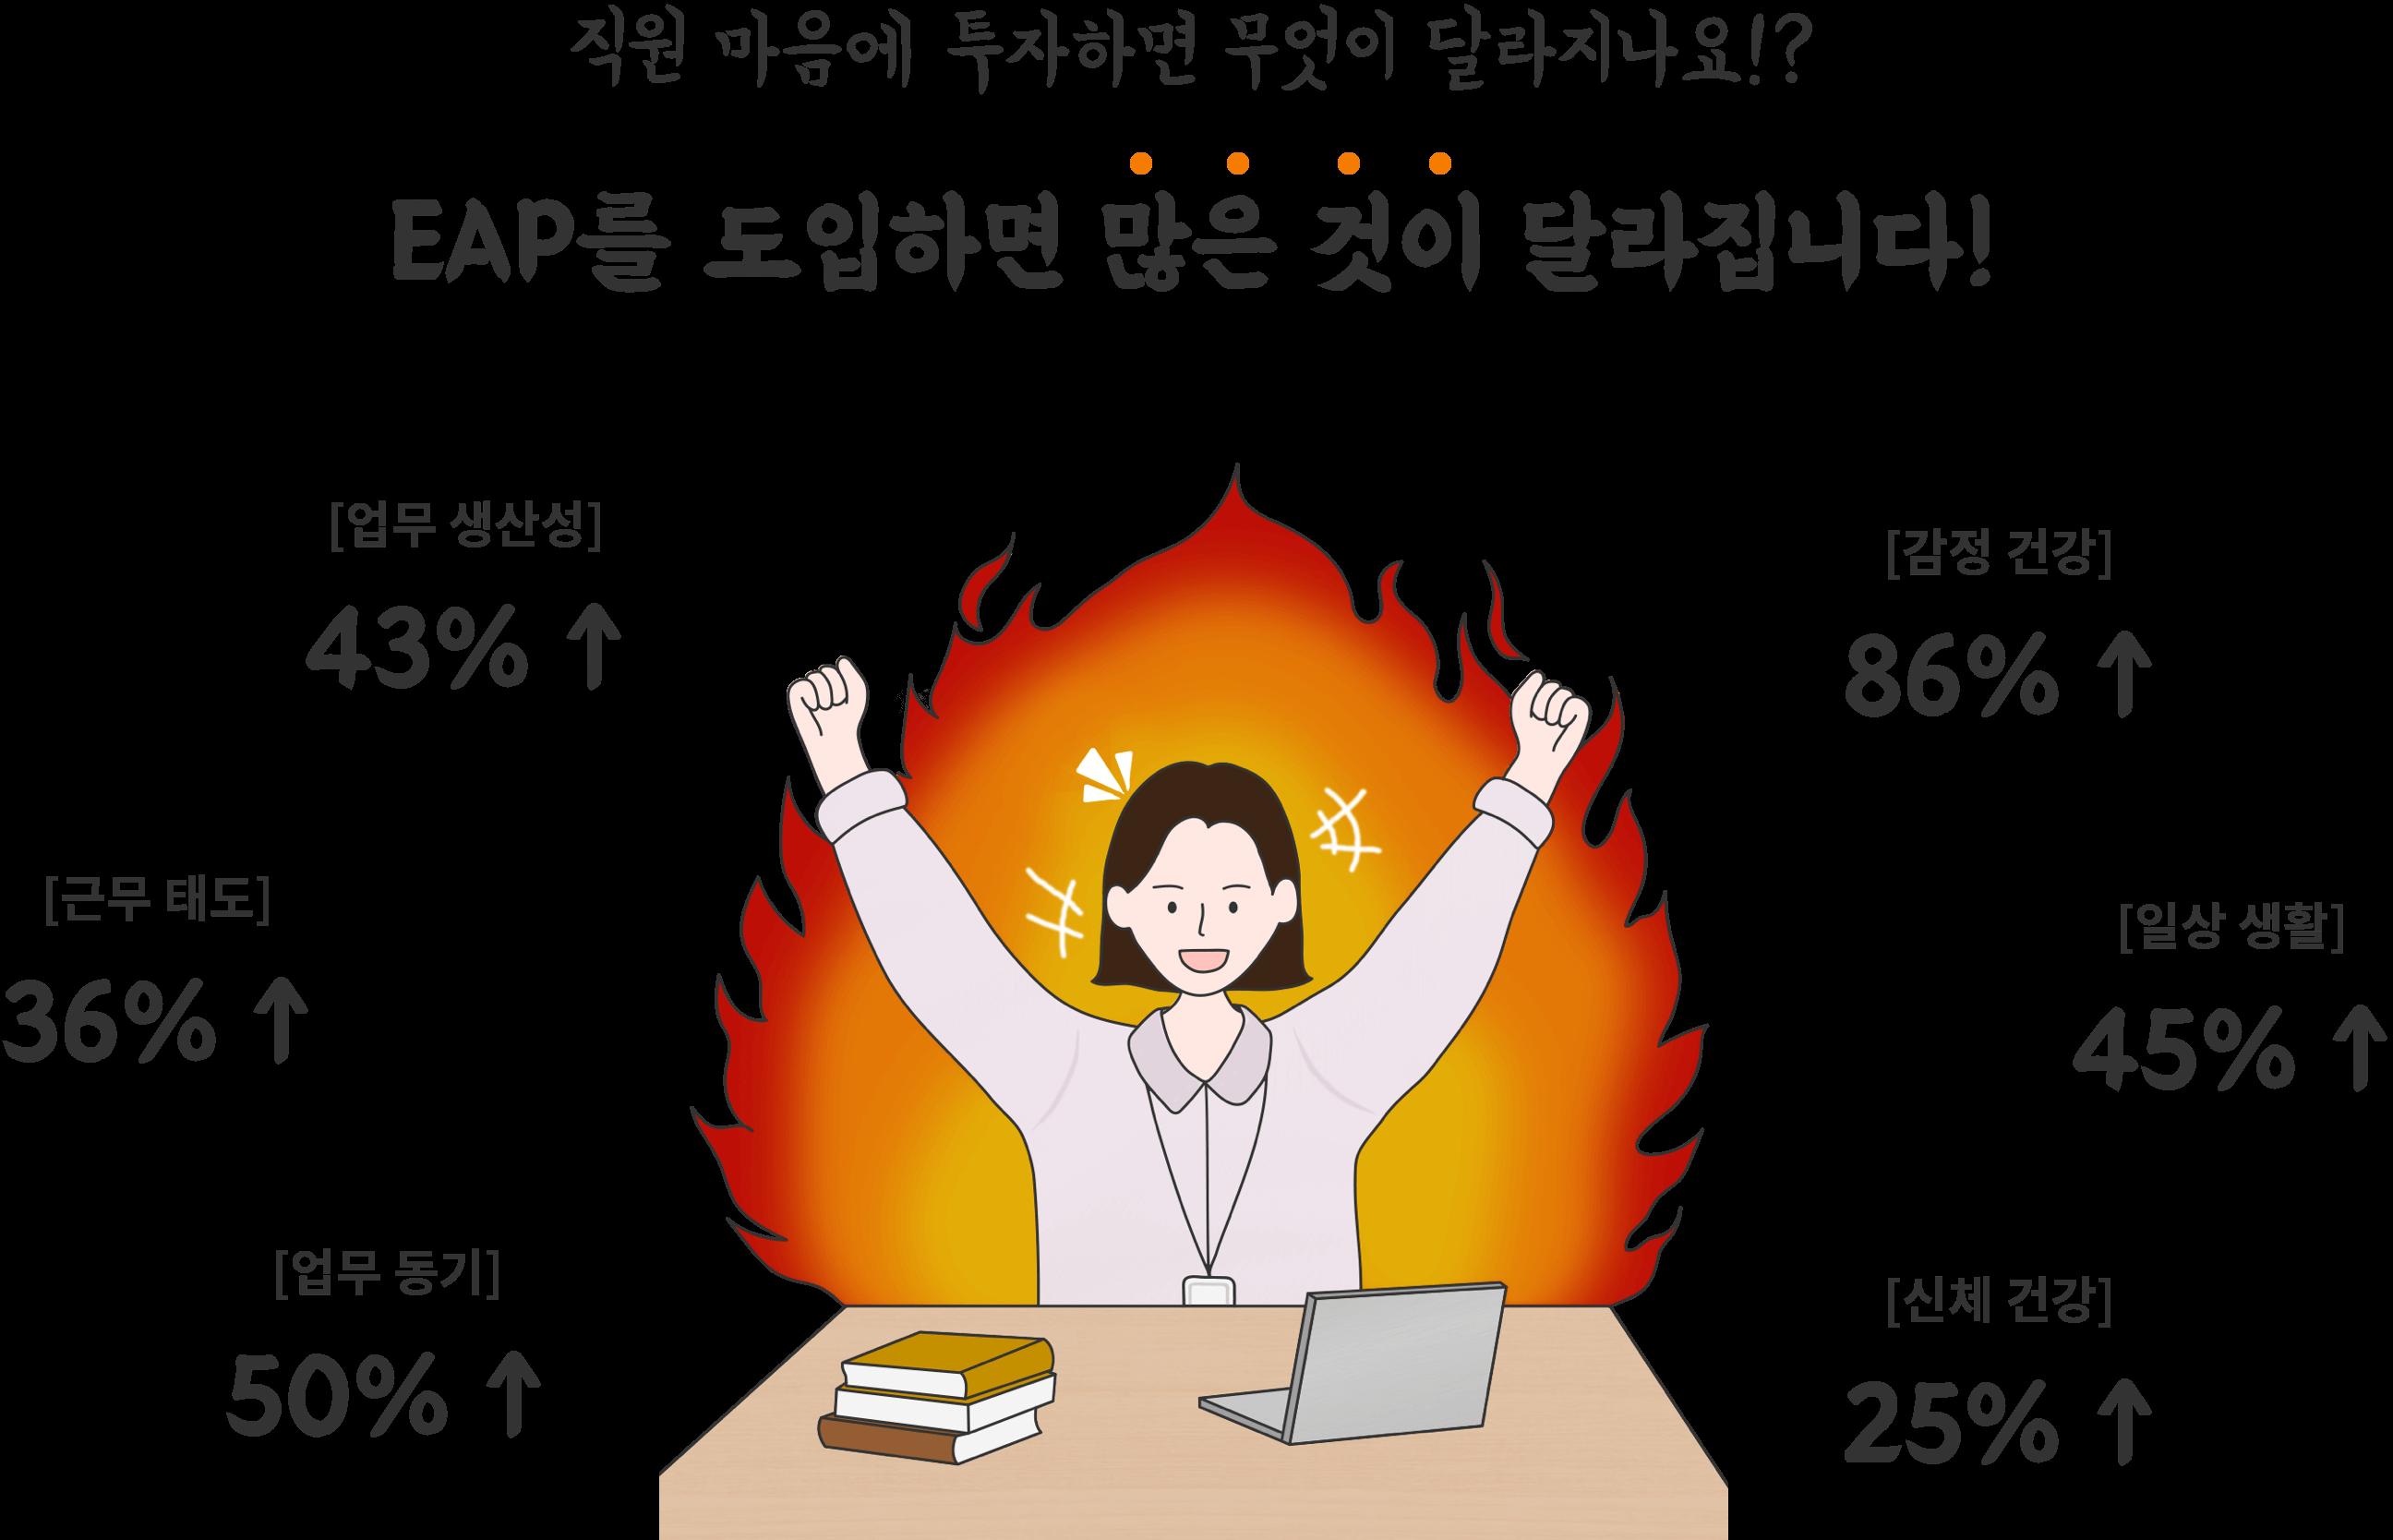 eap 도입 효과